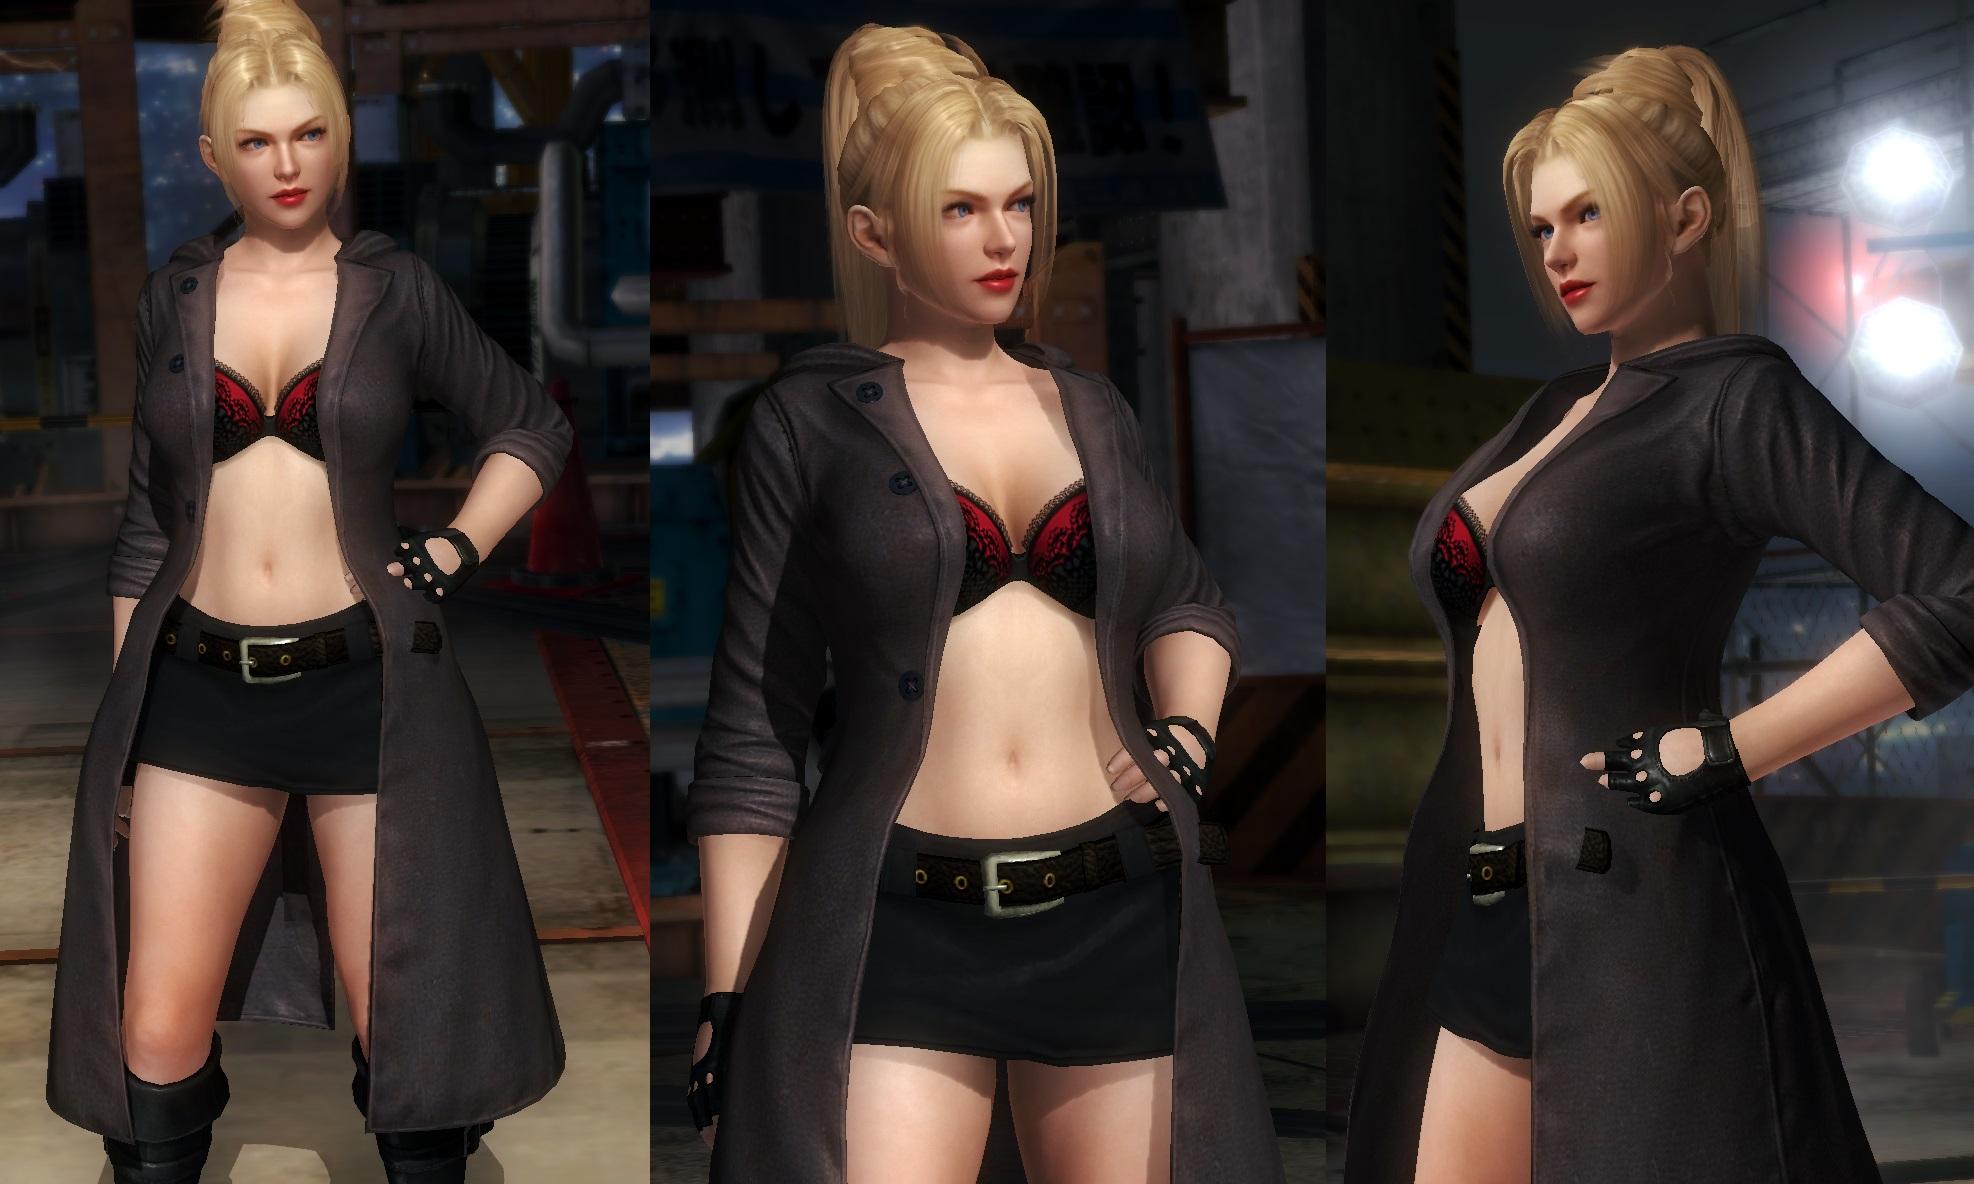 Rachel coat skirt by funnybunny666